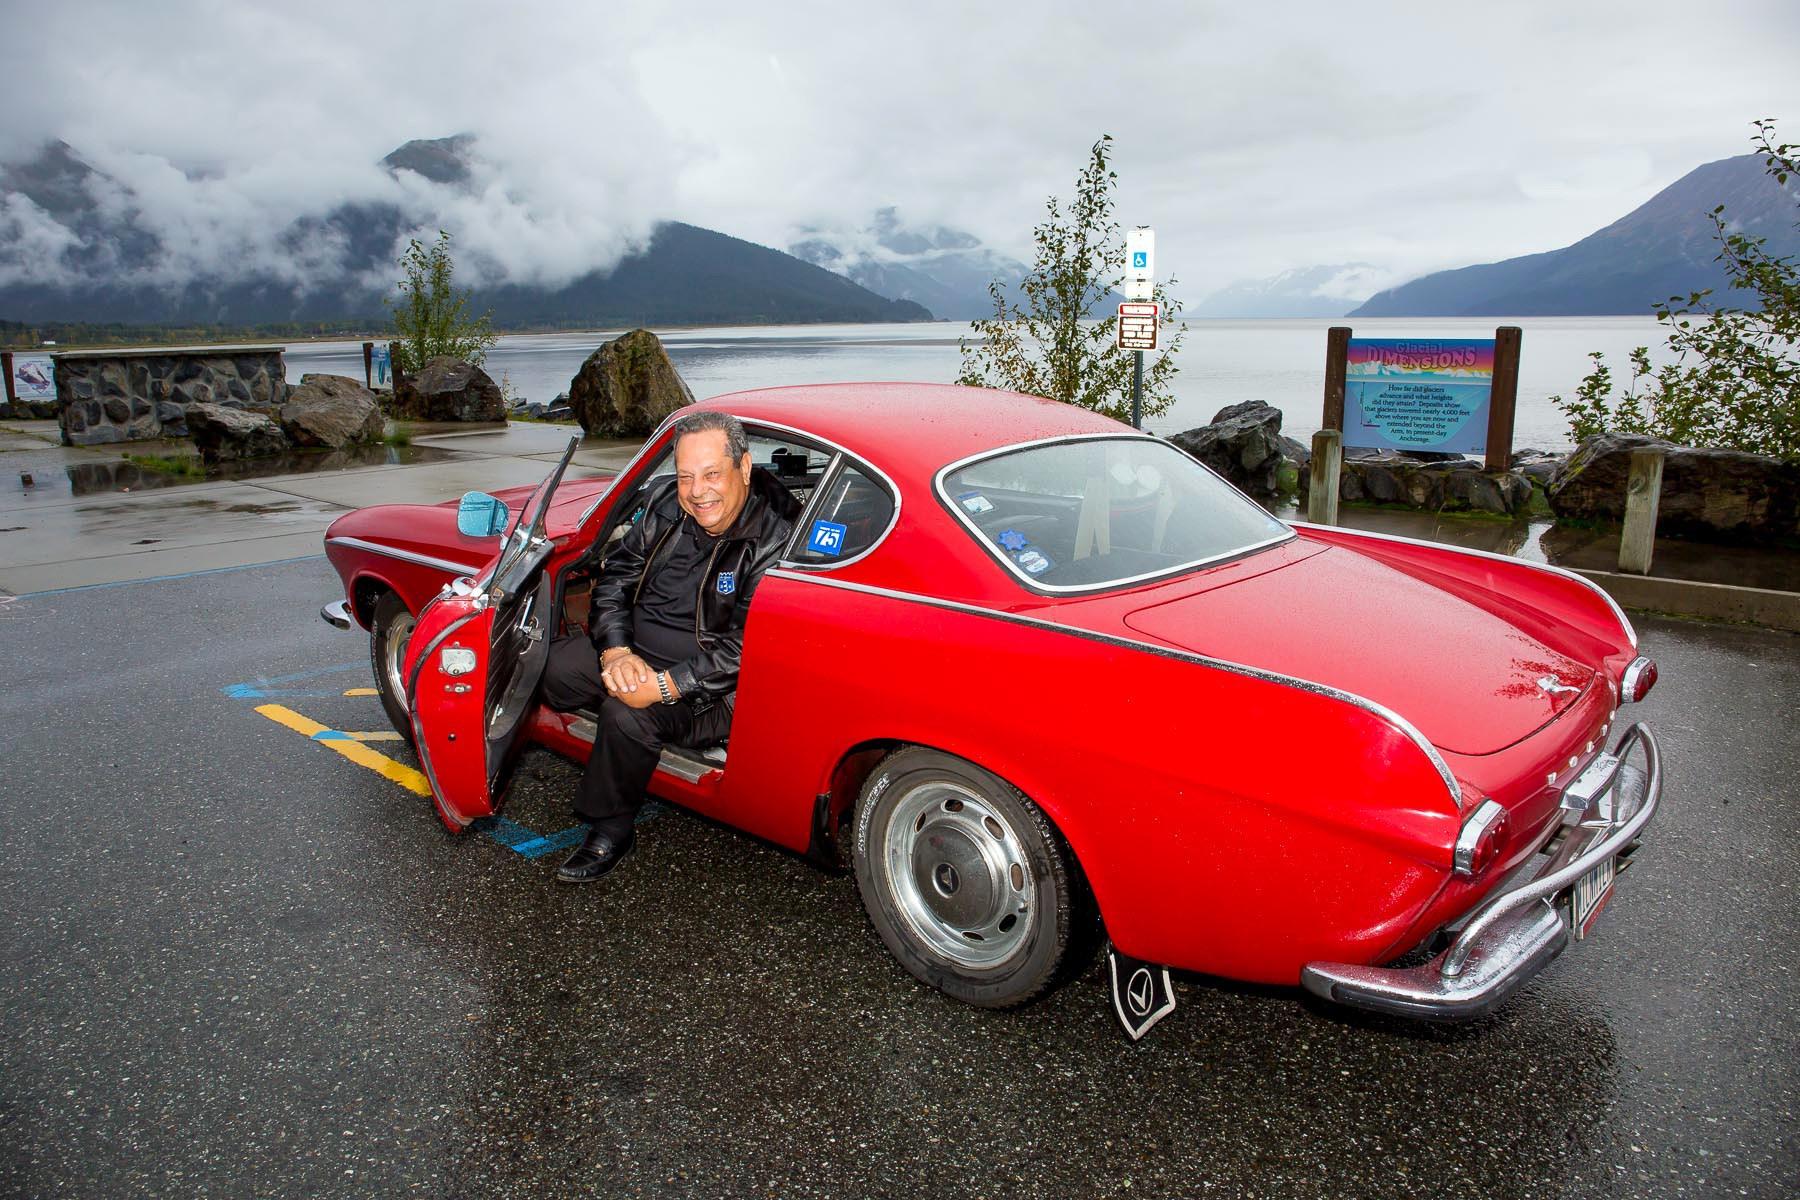 Irv Gordon Volvo S 3 2 Million Mile Man Has Died Bestride